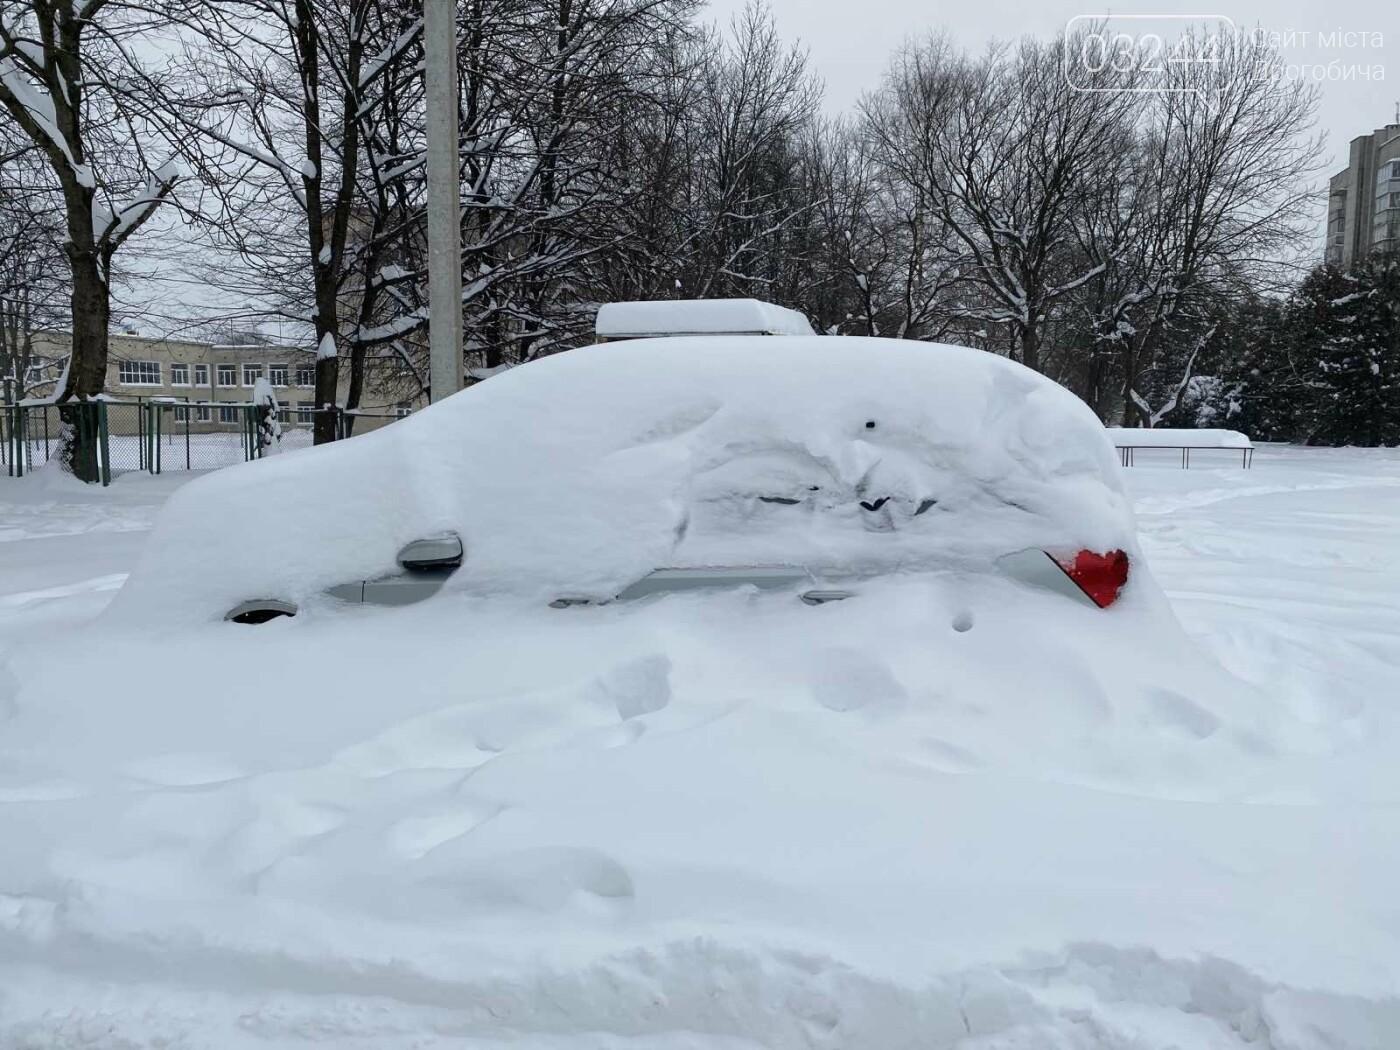 Притрусило: негода перетворила автівки, які не виїжджали кілька днів, на снігові кургани, - ФОТОРЕПОРТАЖ, фото-4